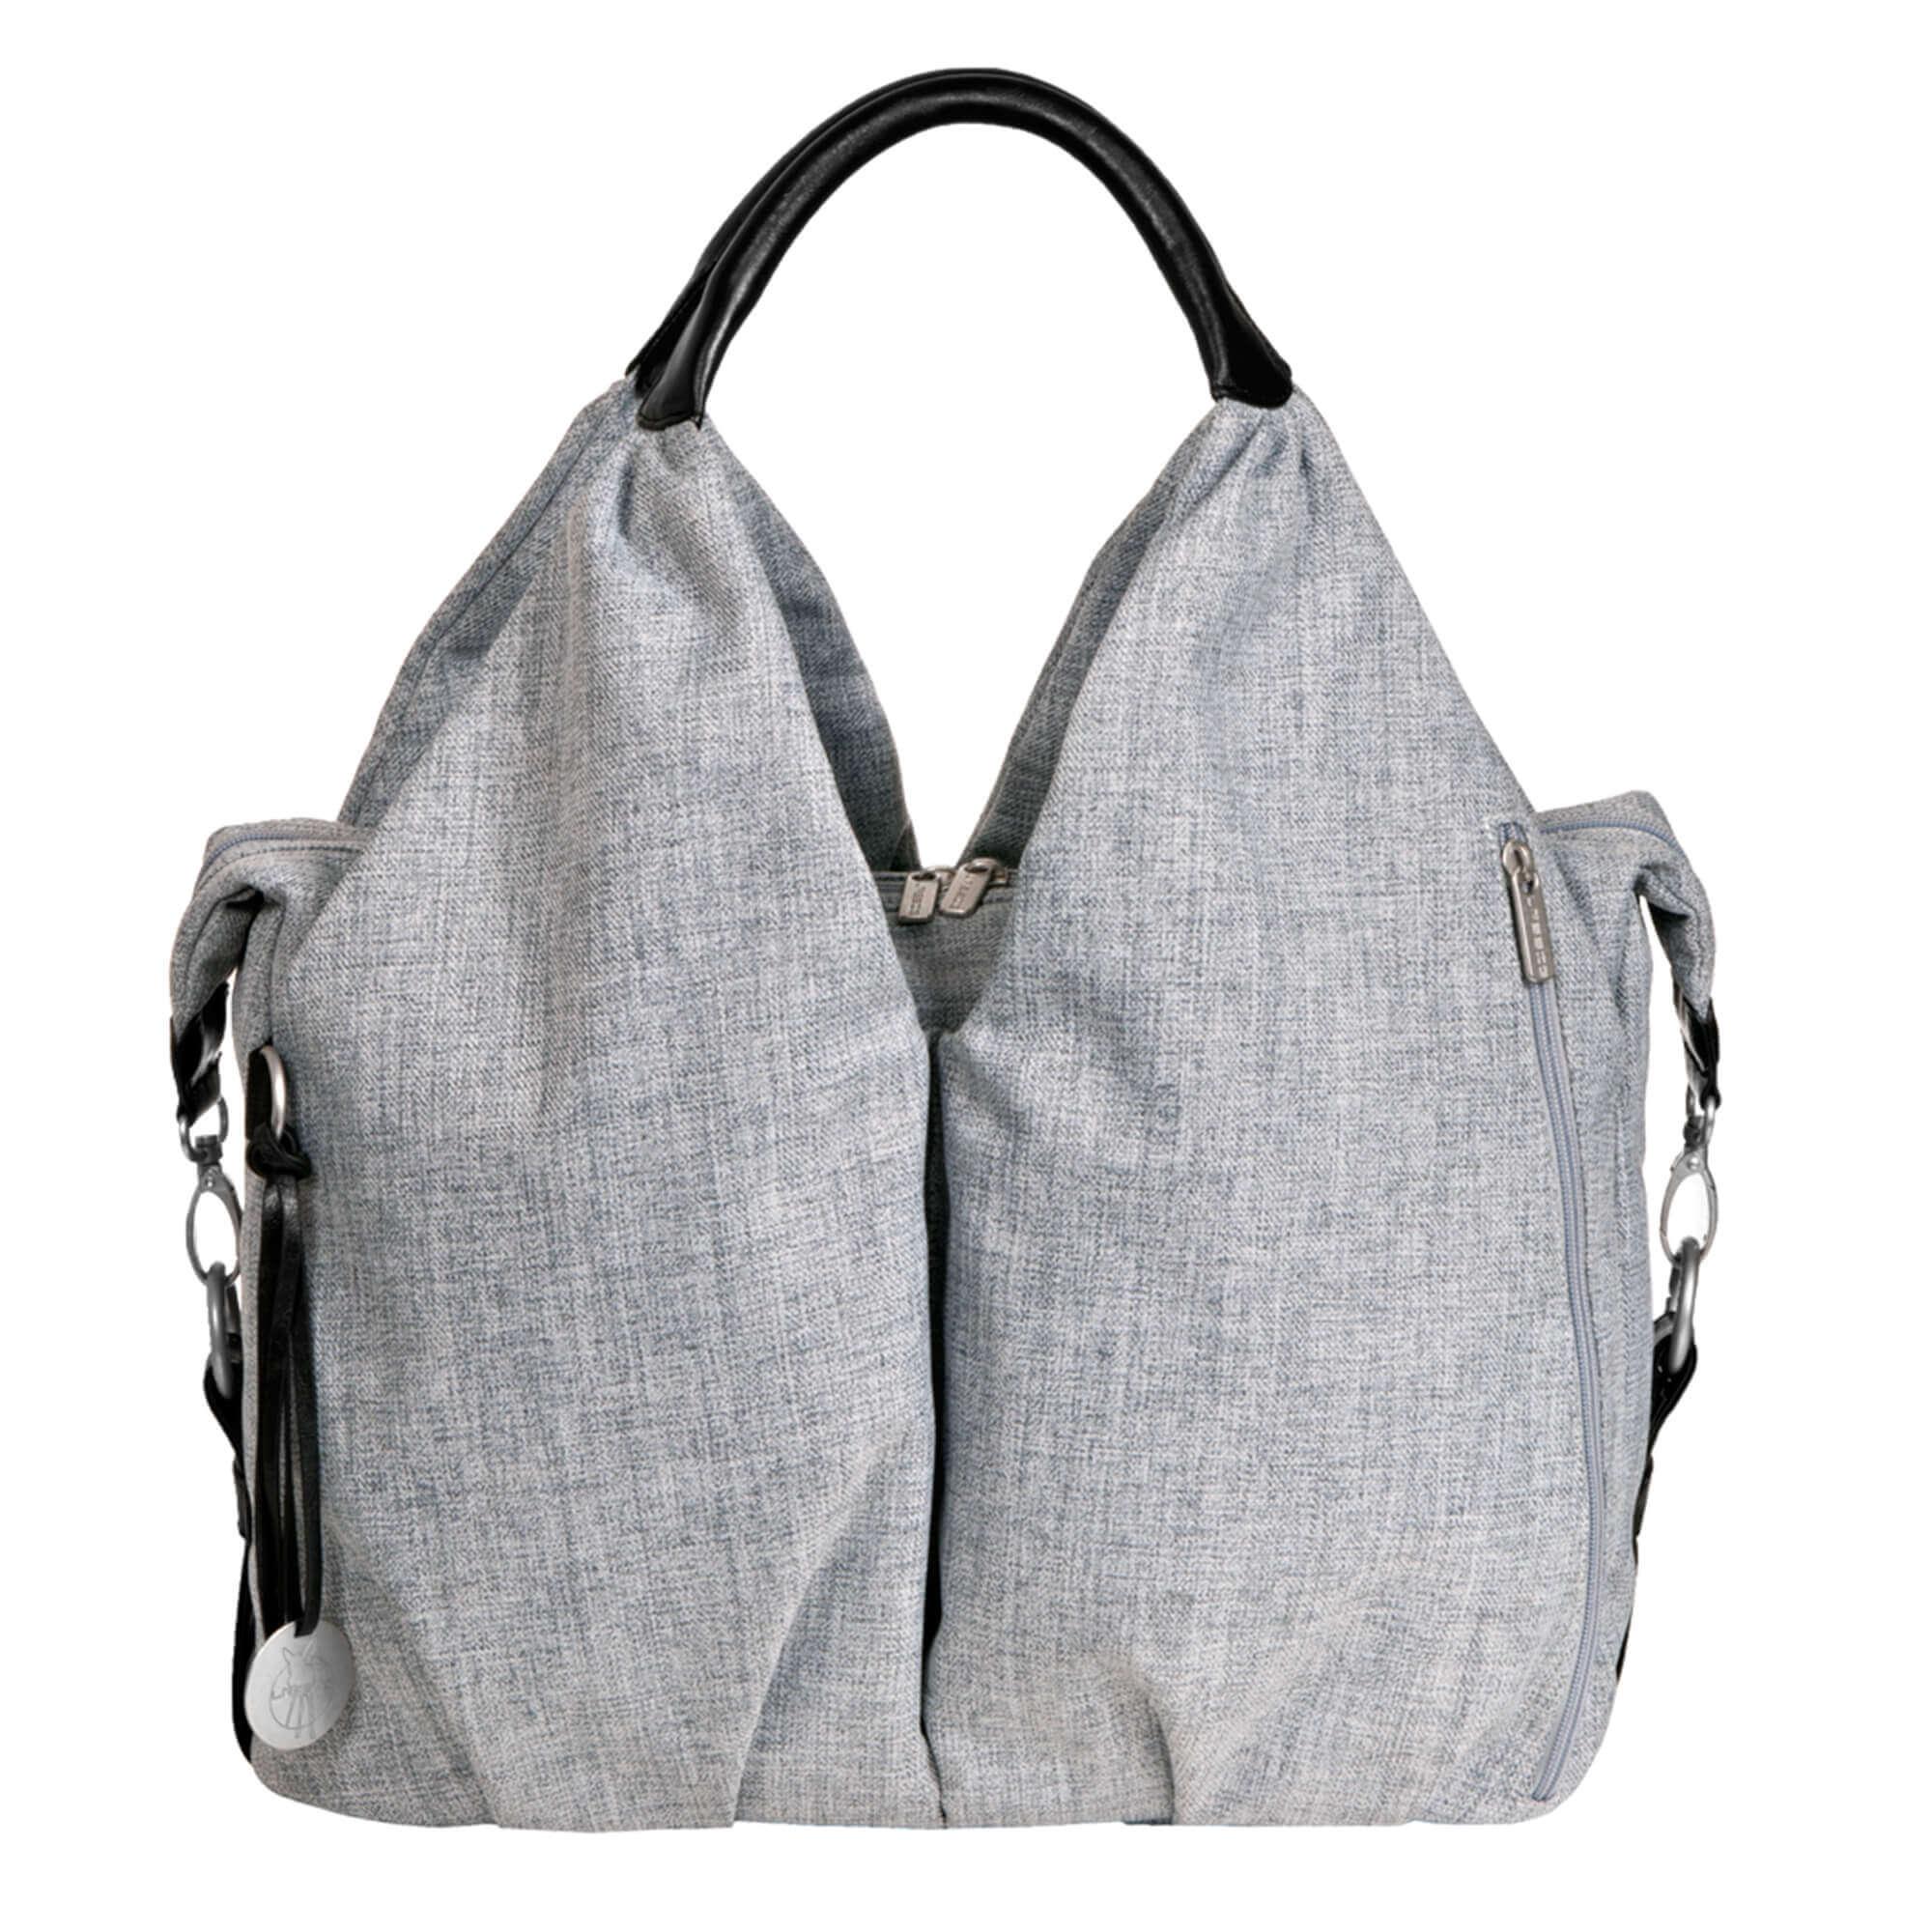 Wickeltasche neckline bag black mélange lÄssig fashion